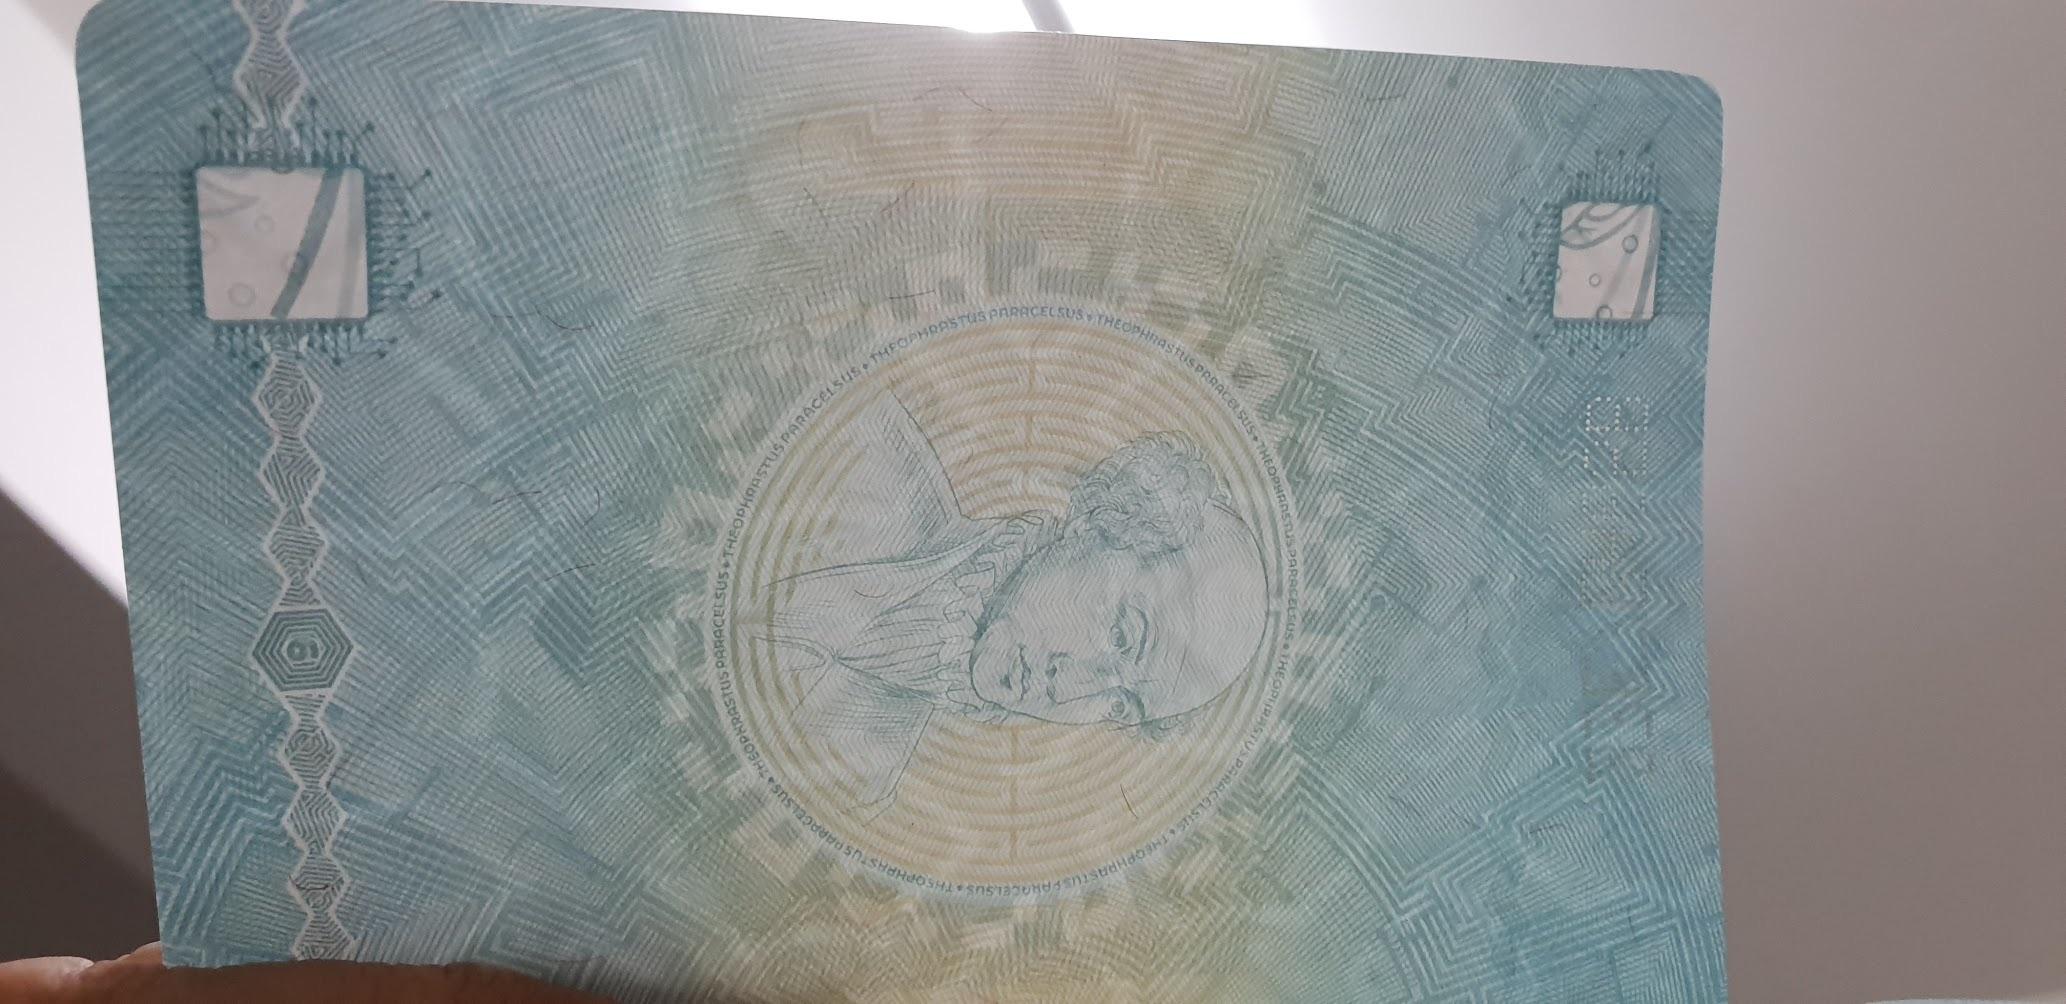 Водяные знаки паспорта Фриленда